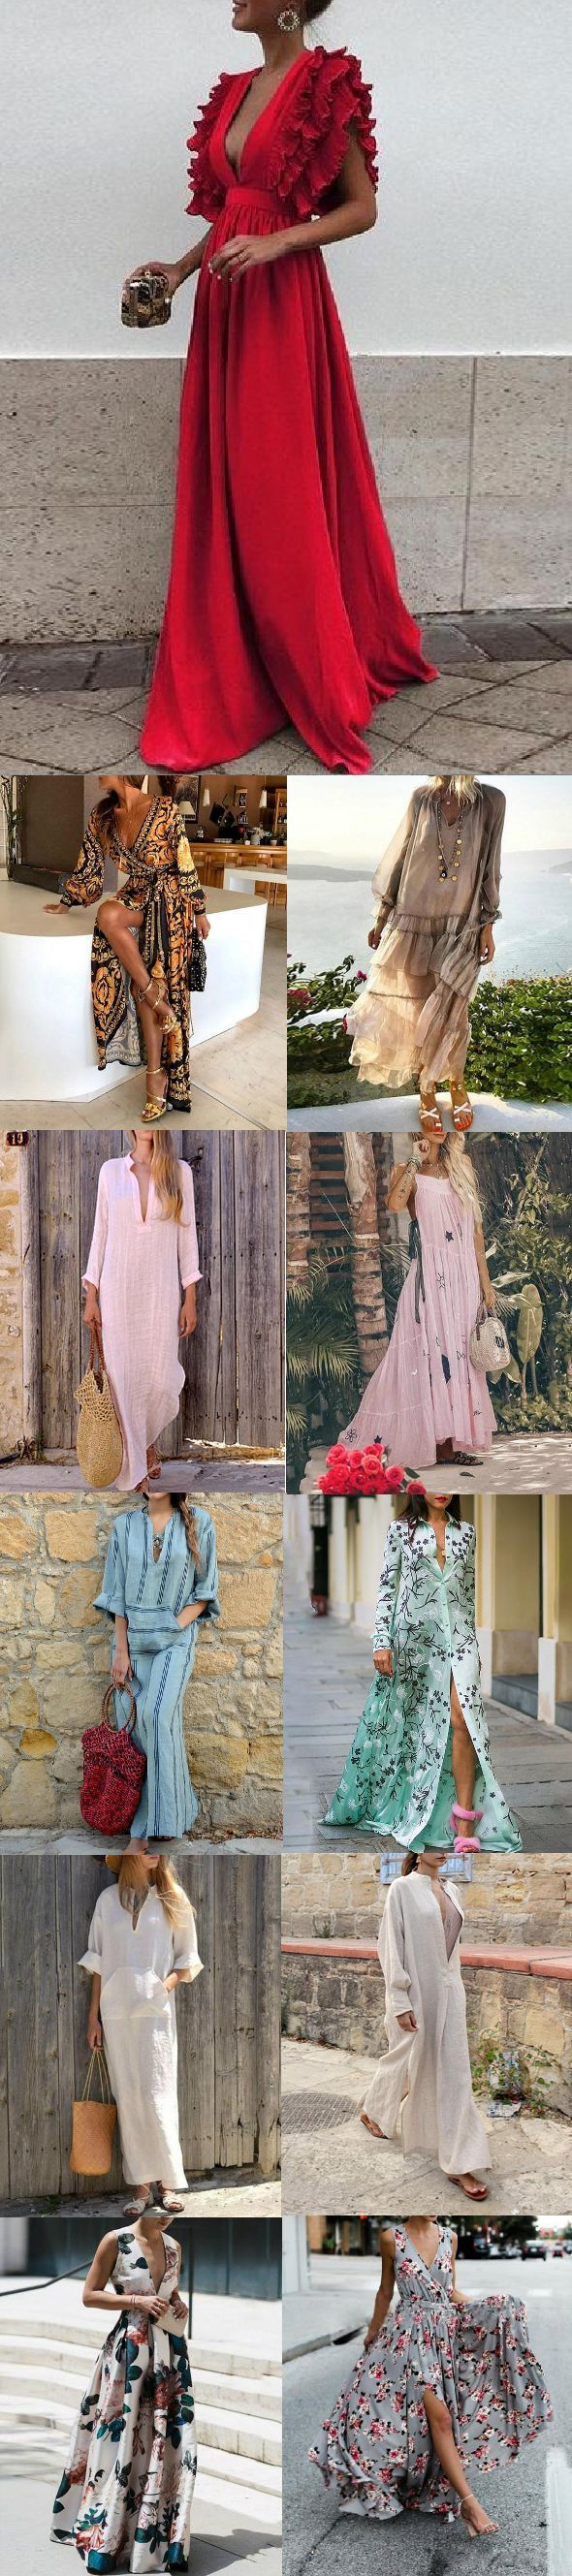 jetzt shoppen >> 100+ styles neue frühlingssommerkleider für